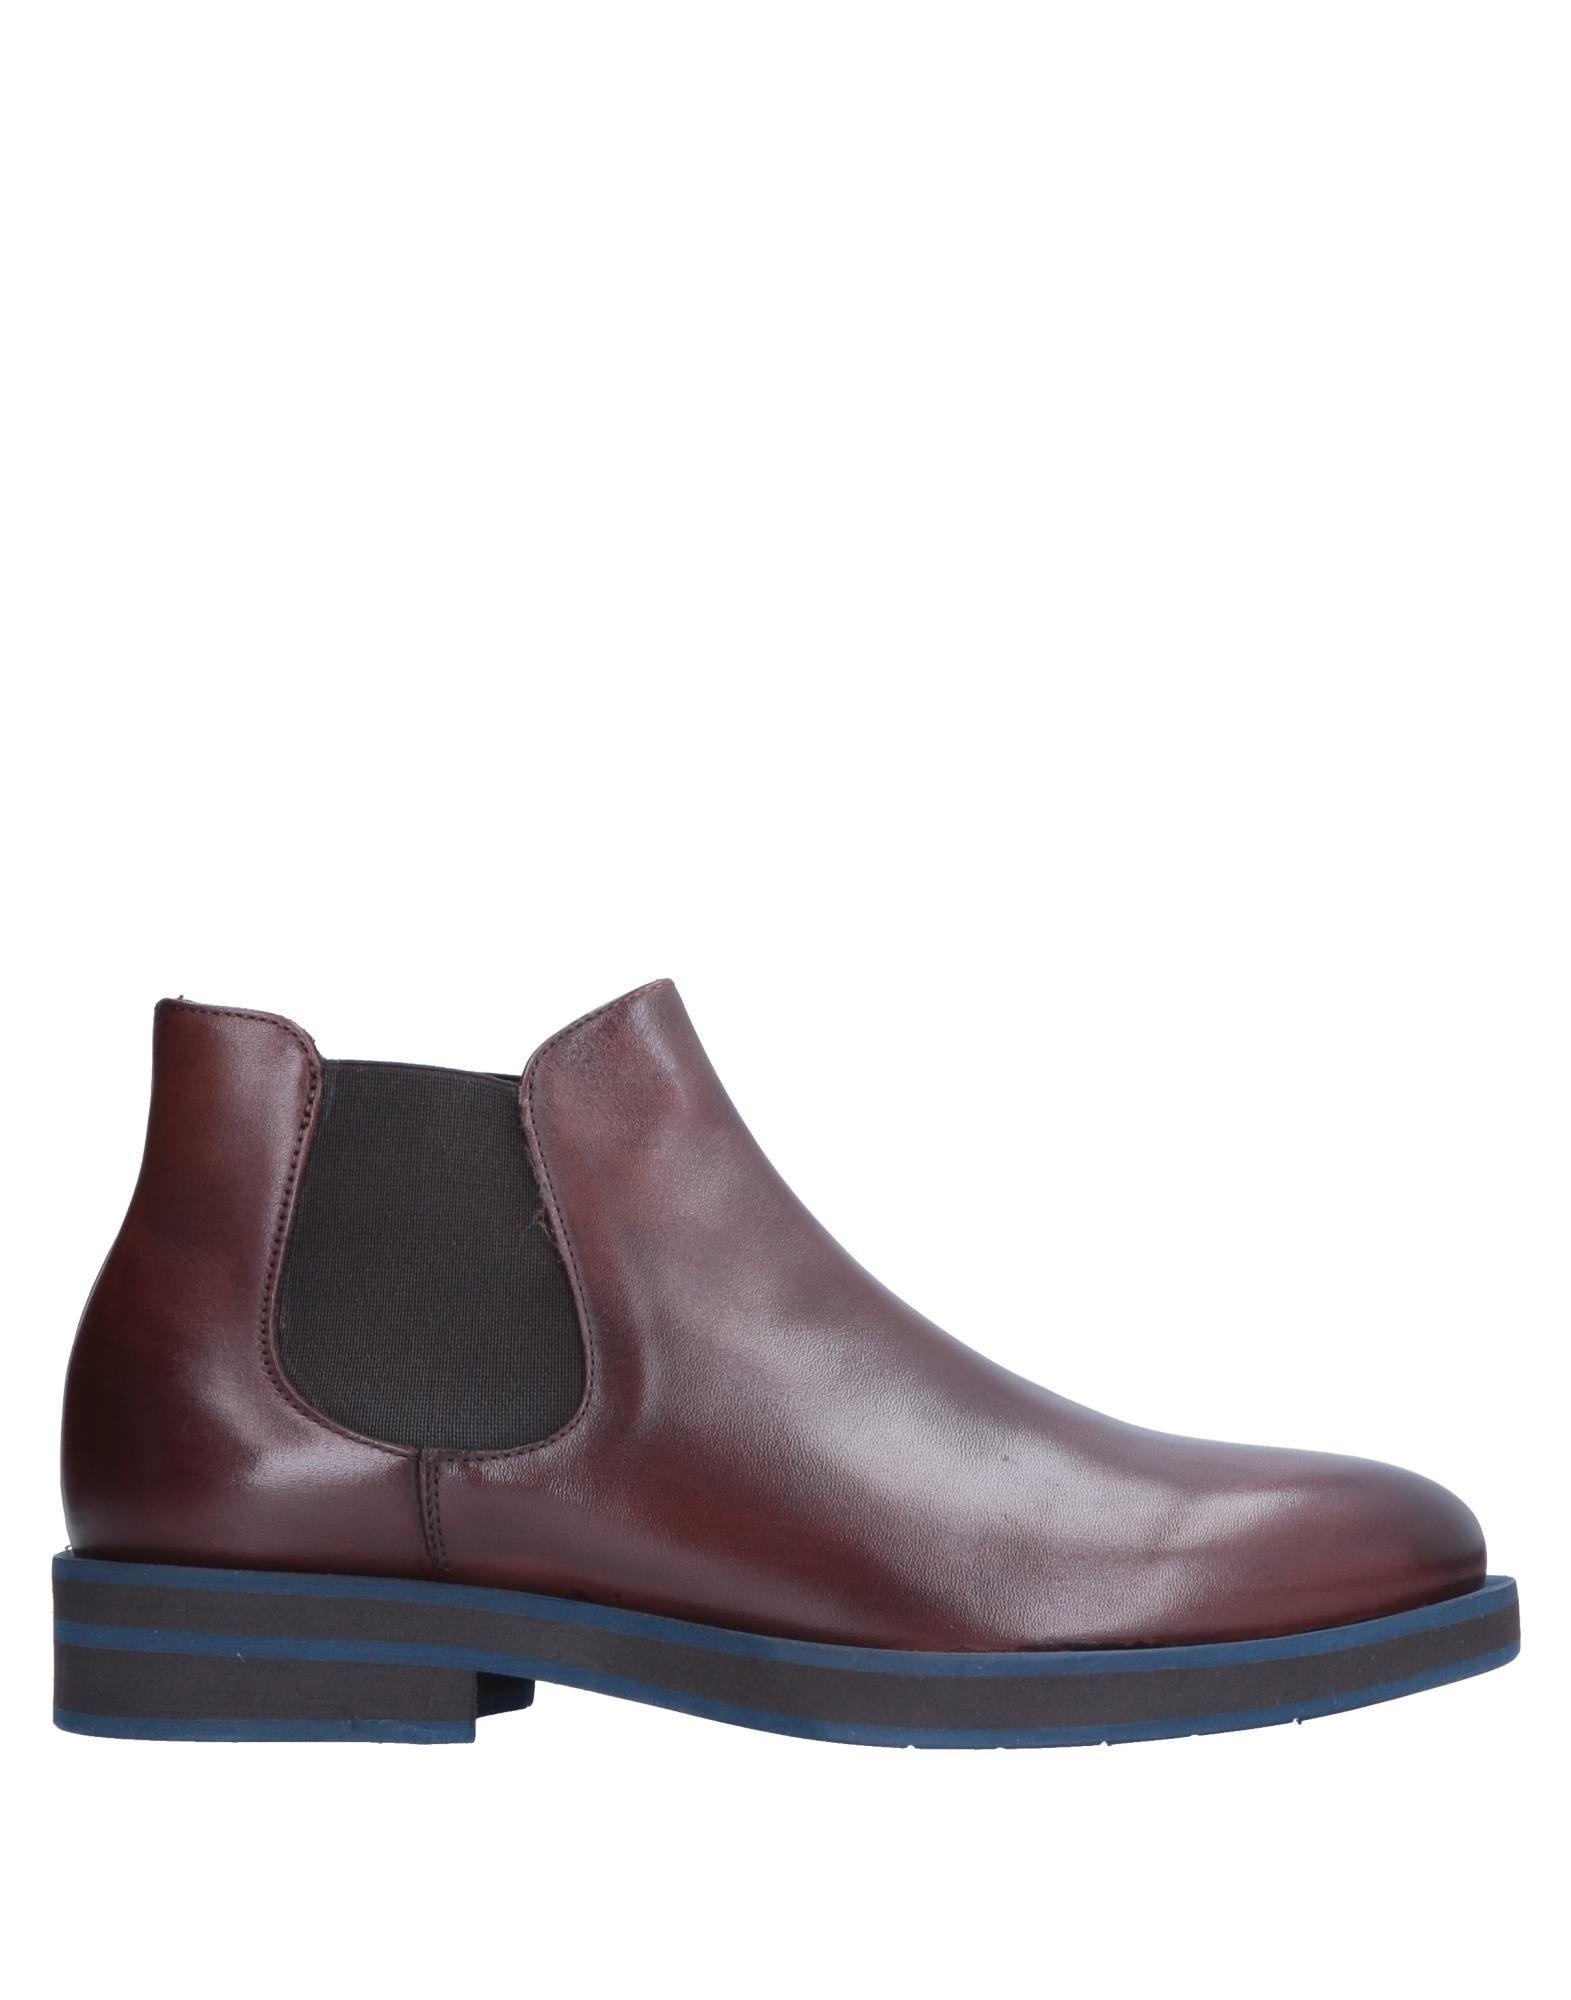 Marechiaro 1962 Stiefelette Herren  11548490VL Gute Qualität beliebte Schuhe